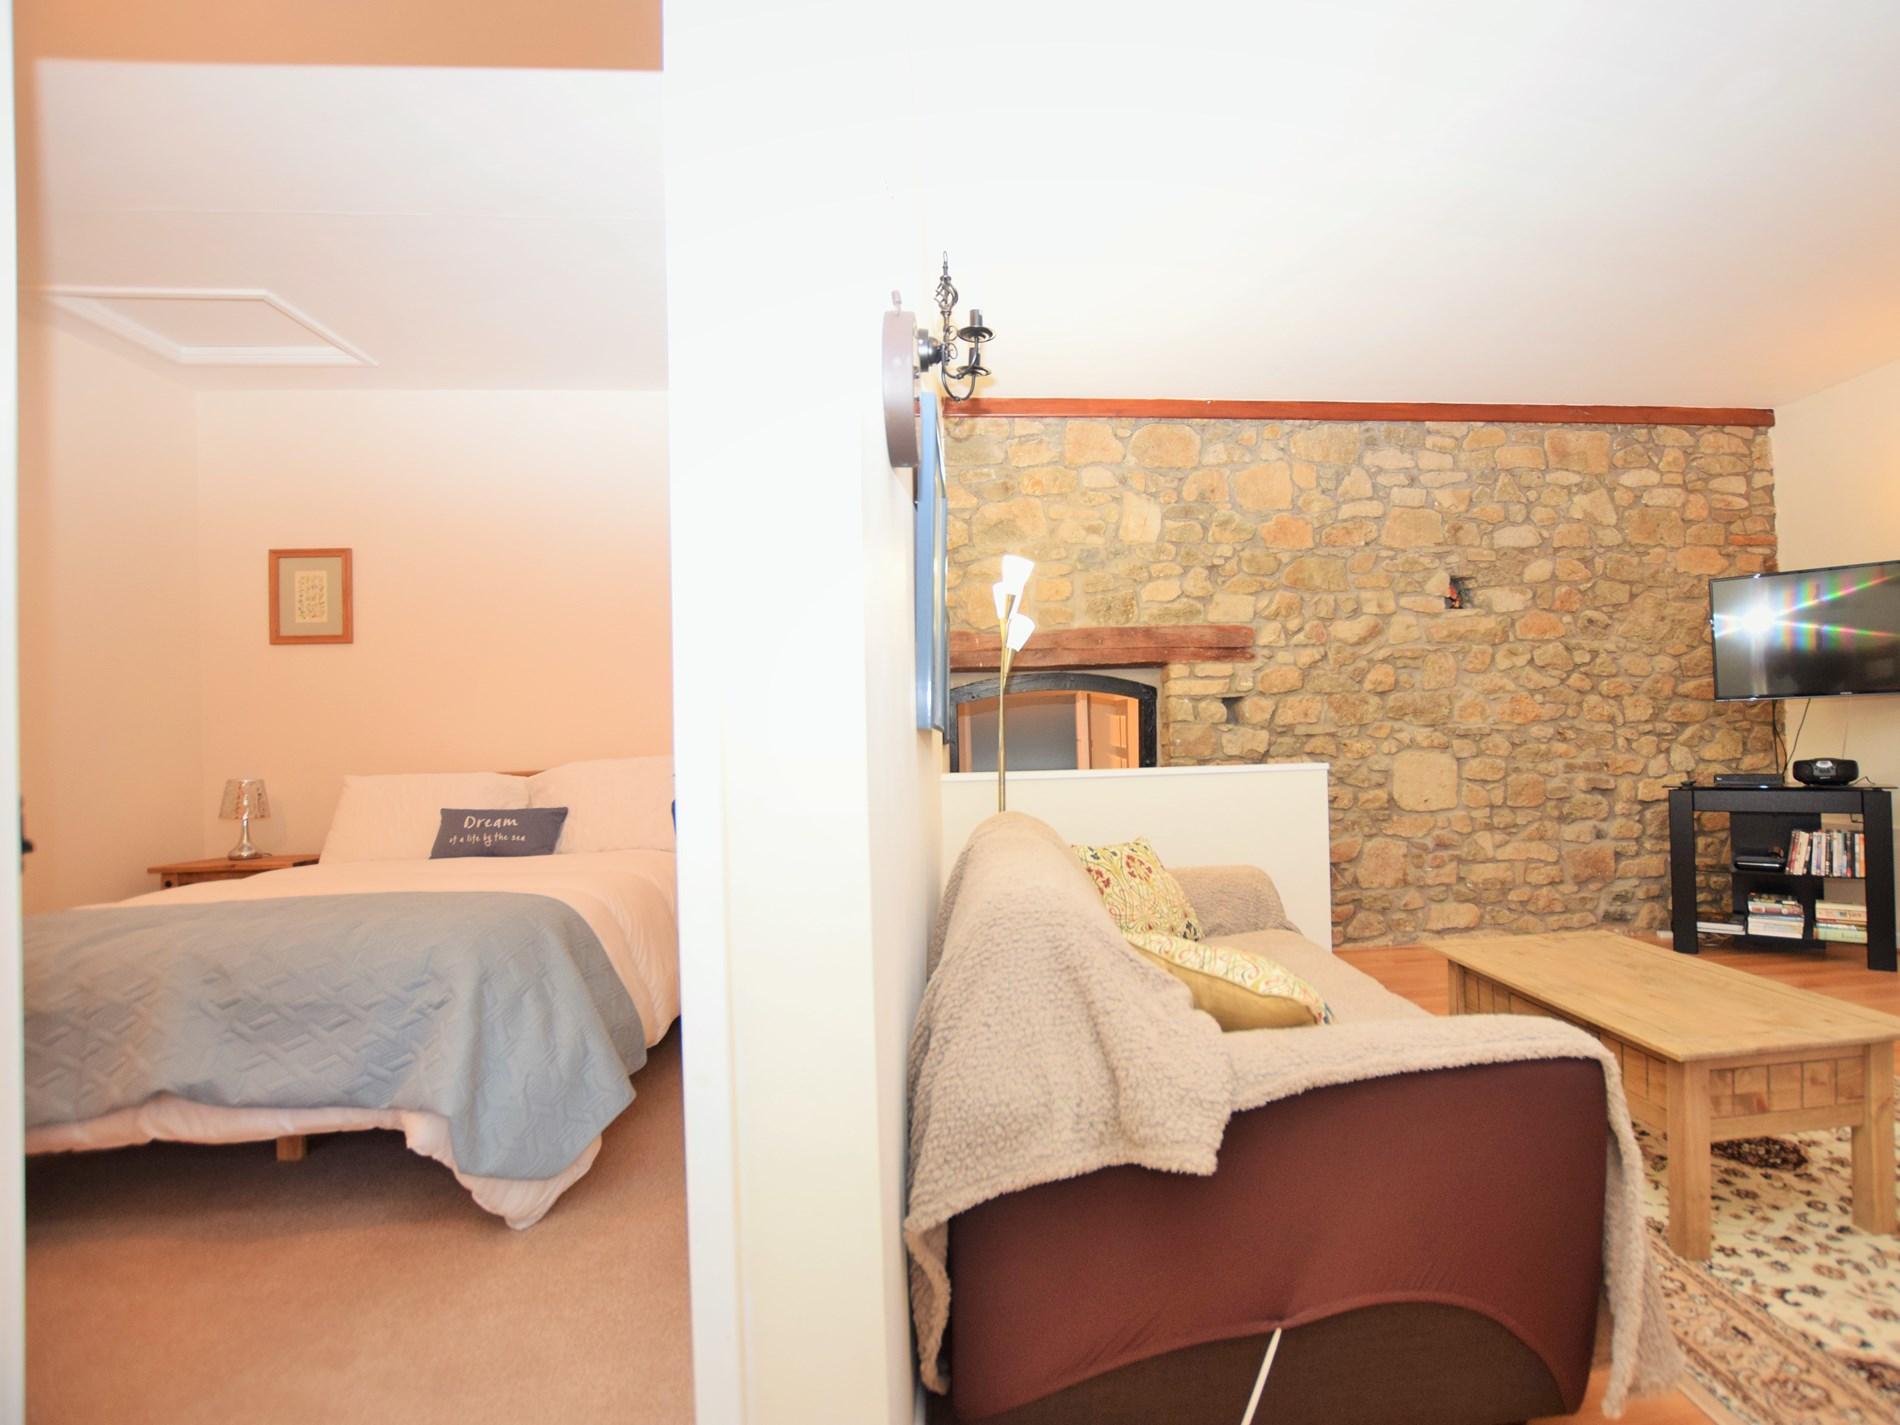 1 Bedroom Cottage in Llandeilo, Mid Wales